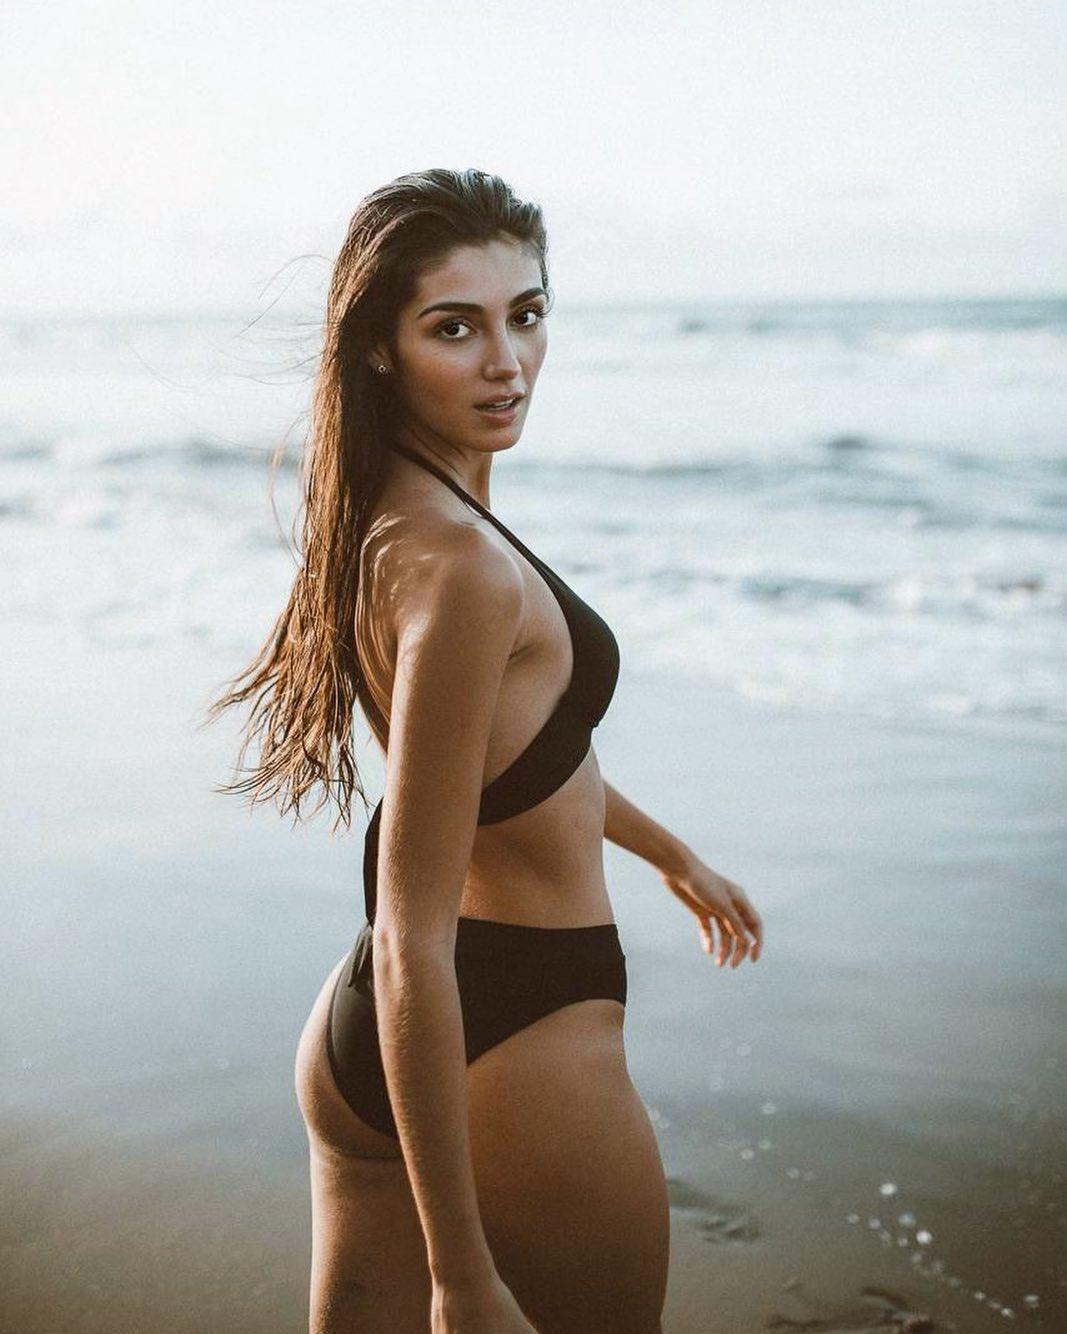 mariana jaramillo, miss charm colombia 2020. - Página 2 82163010